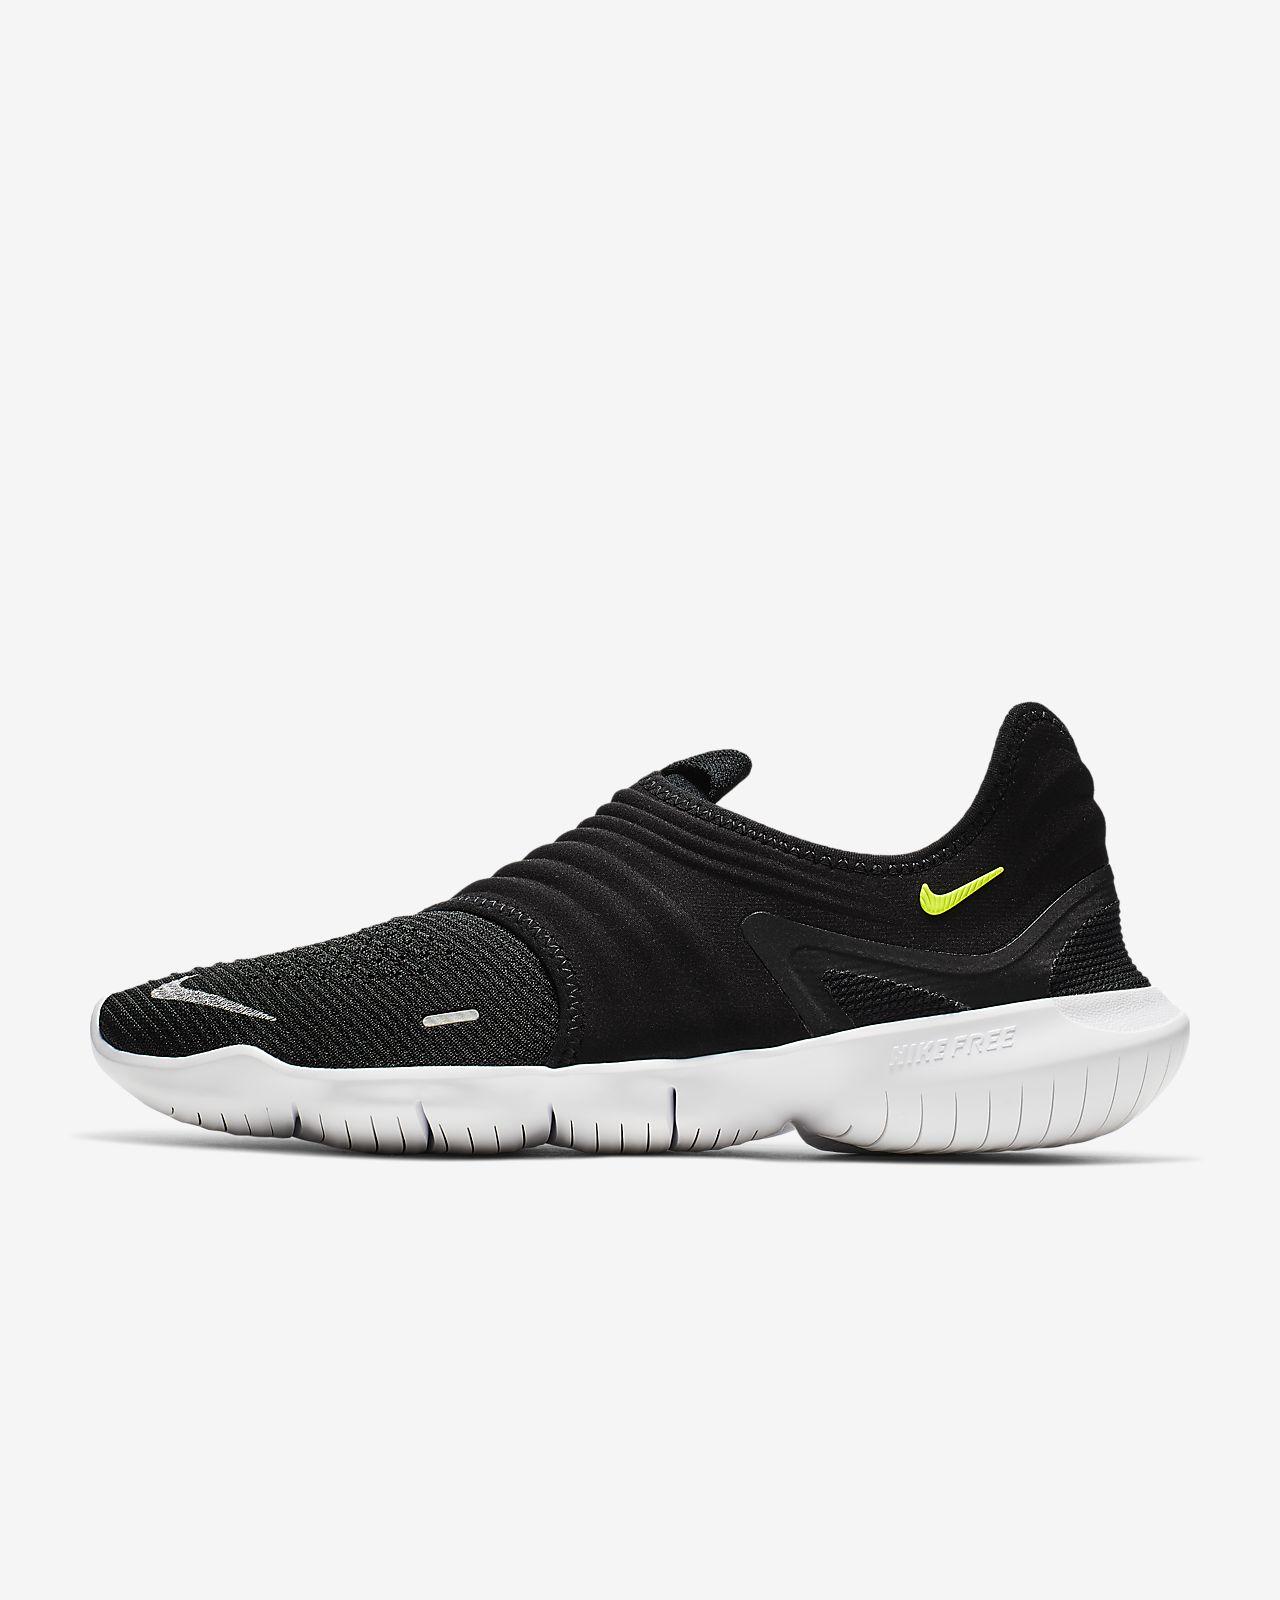 nowe przyloty buty temperamentu niska cena Męskie buty do biegania Nike Free RN Flyknit 3.0